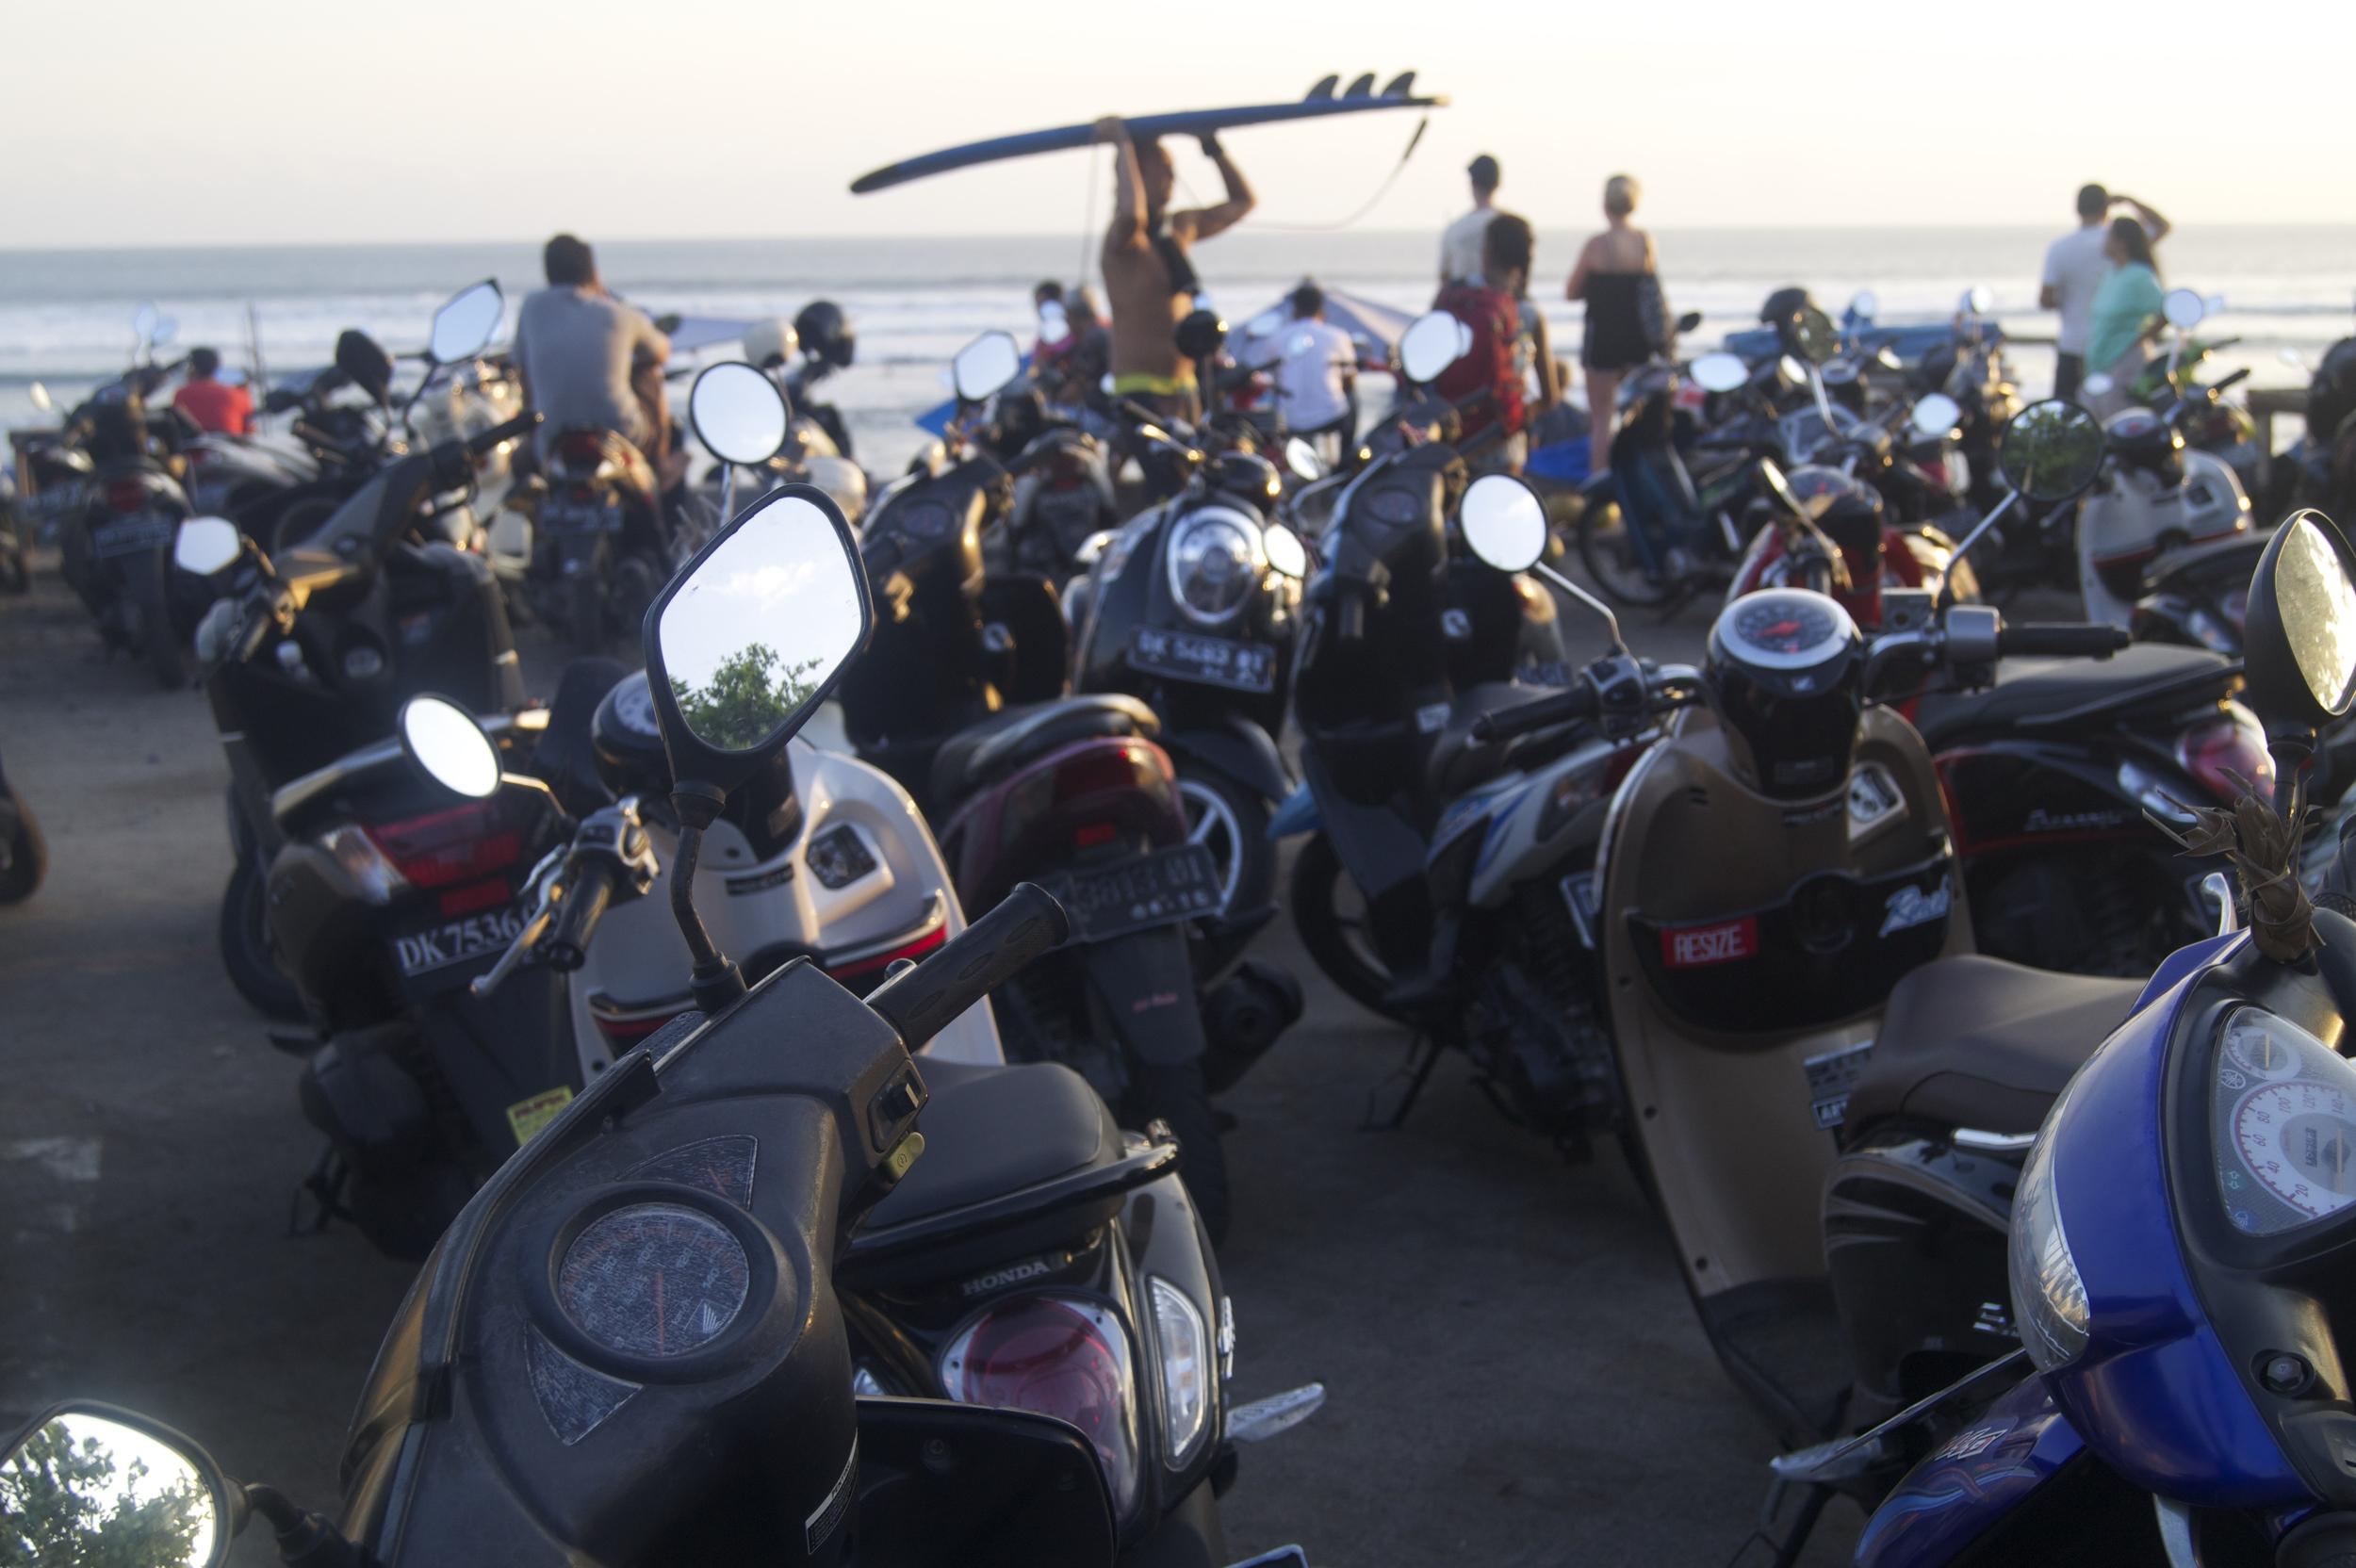 苍谷,巴厘岛-老人的海滩-摩托车交通和日落- illumelation.combeplay3体育官方下载